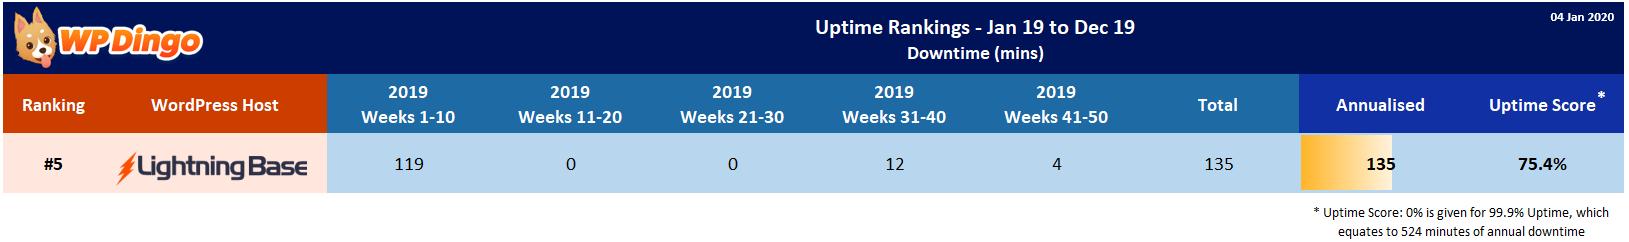 Lightning Base 2019 Uptime Test Results